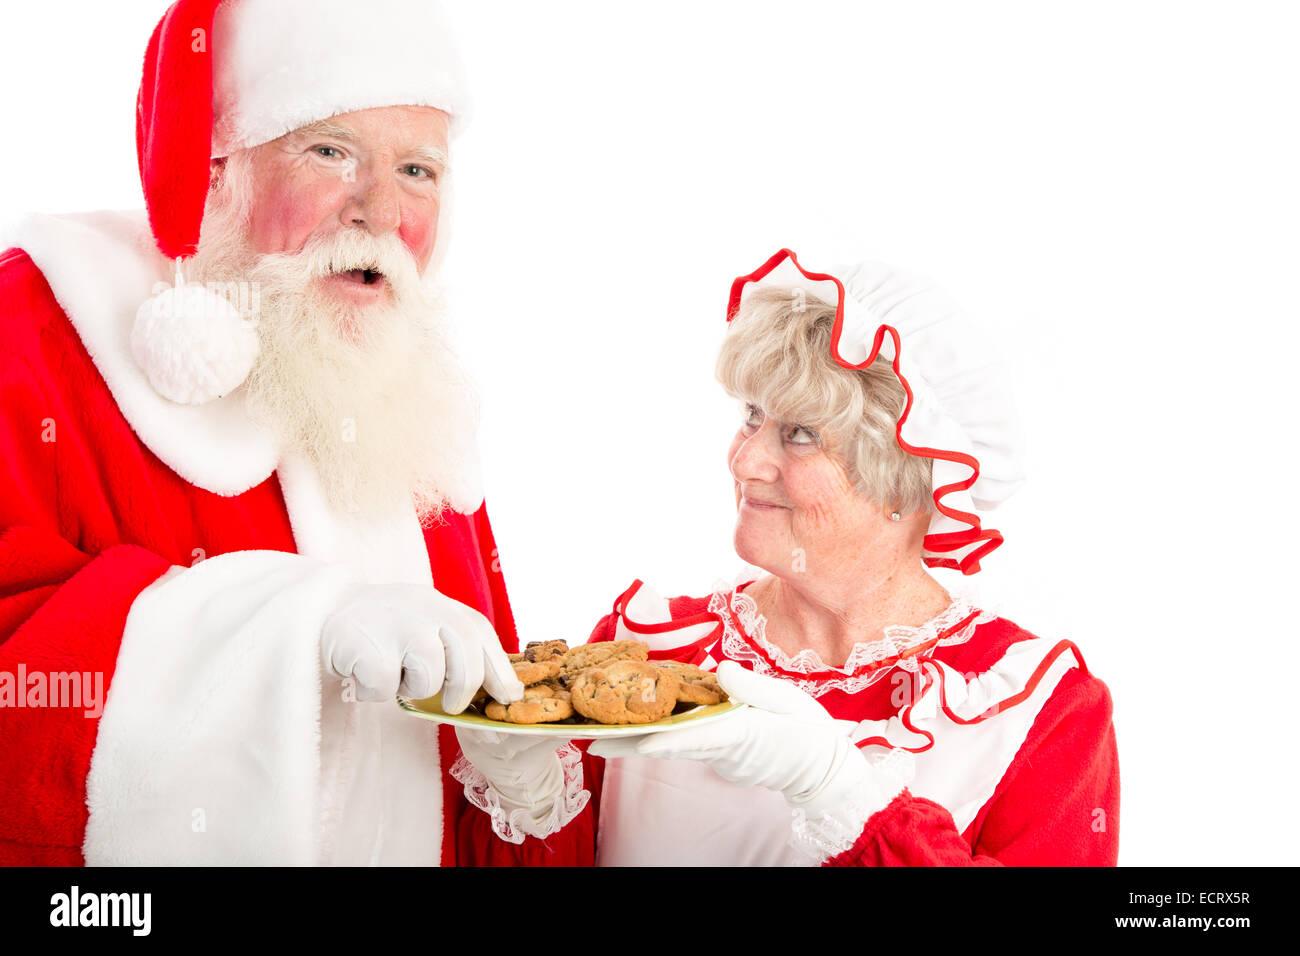 Un ridere Santa prende un cookie dalla piastra onorevole clausola offre lui. Immagini Stock